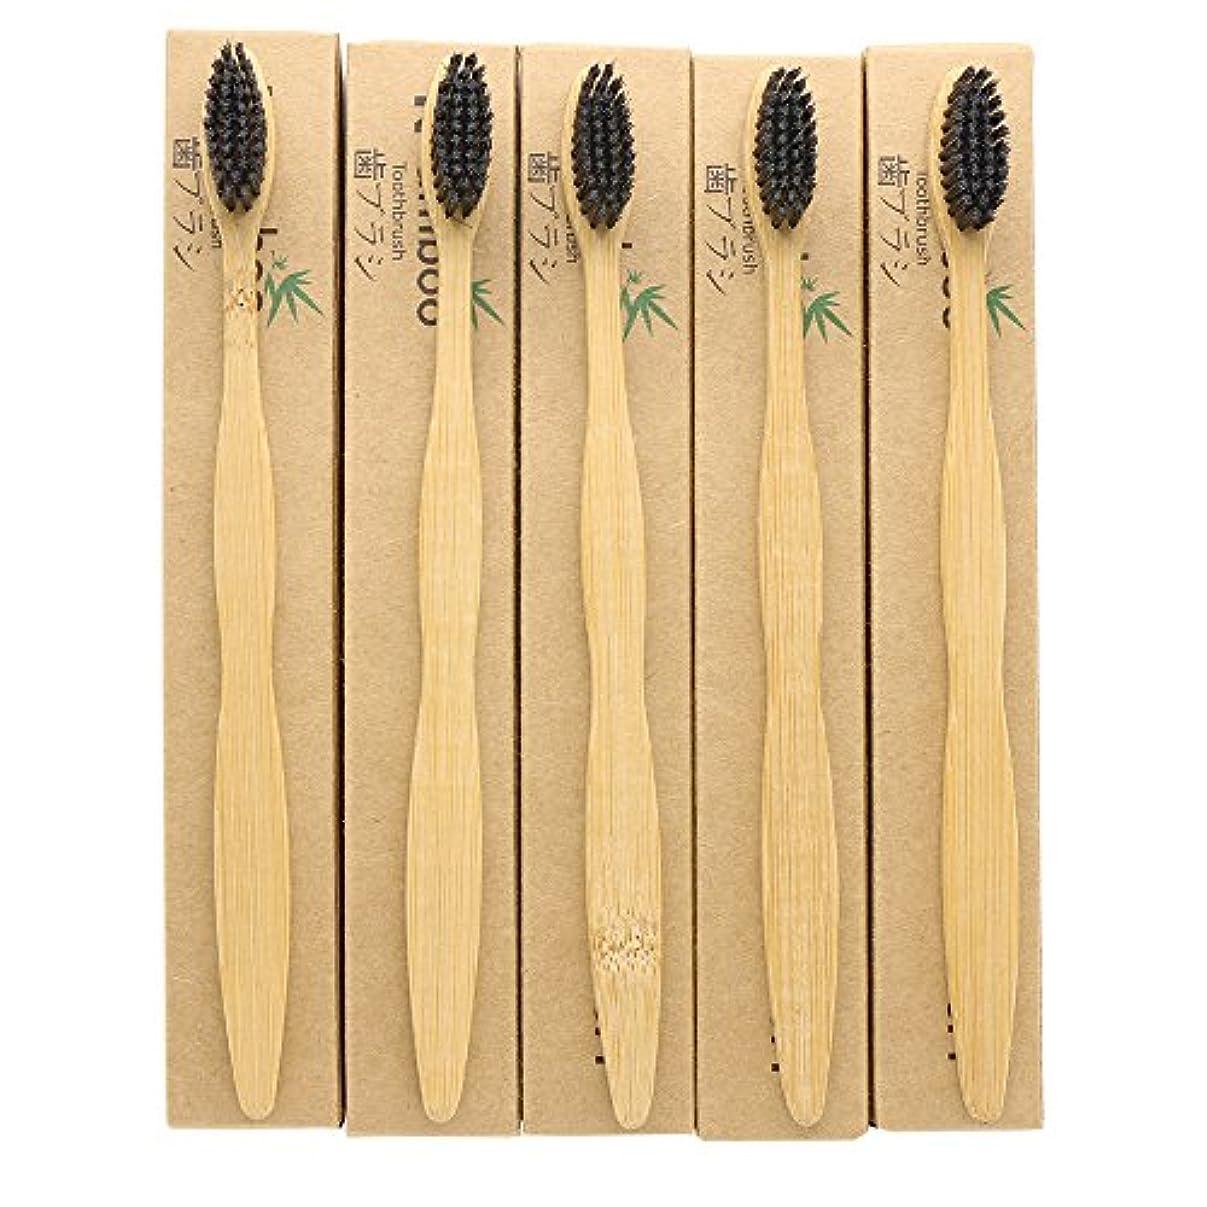 乞食電子レンジ工業化するN-amboo 歯ブラシ 5本入り 竹製 耐久性 黒